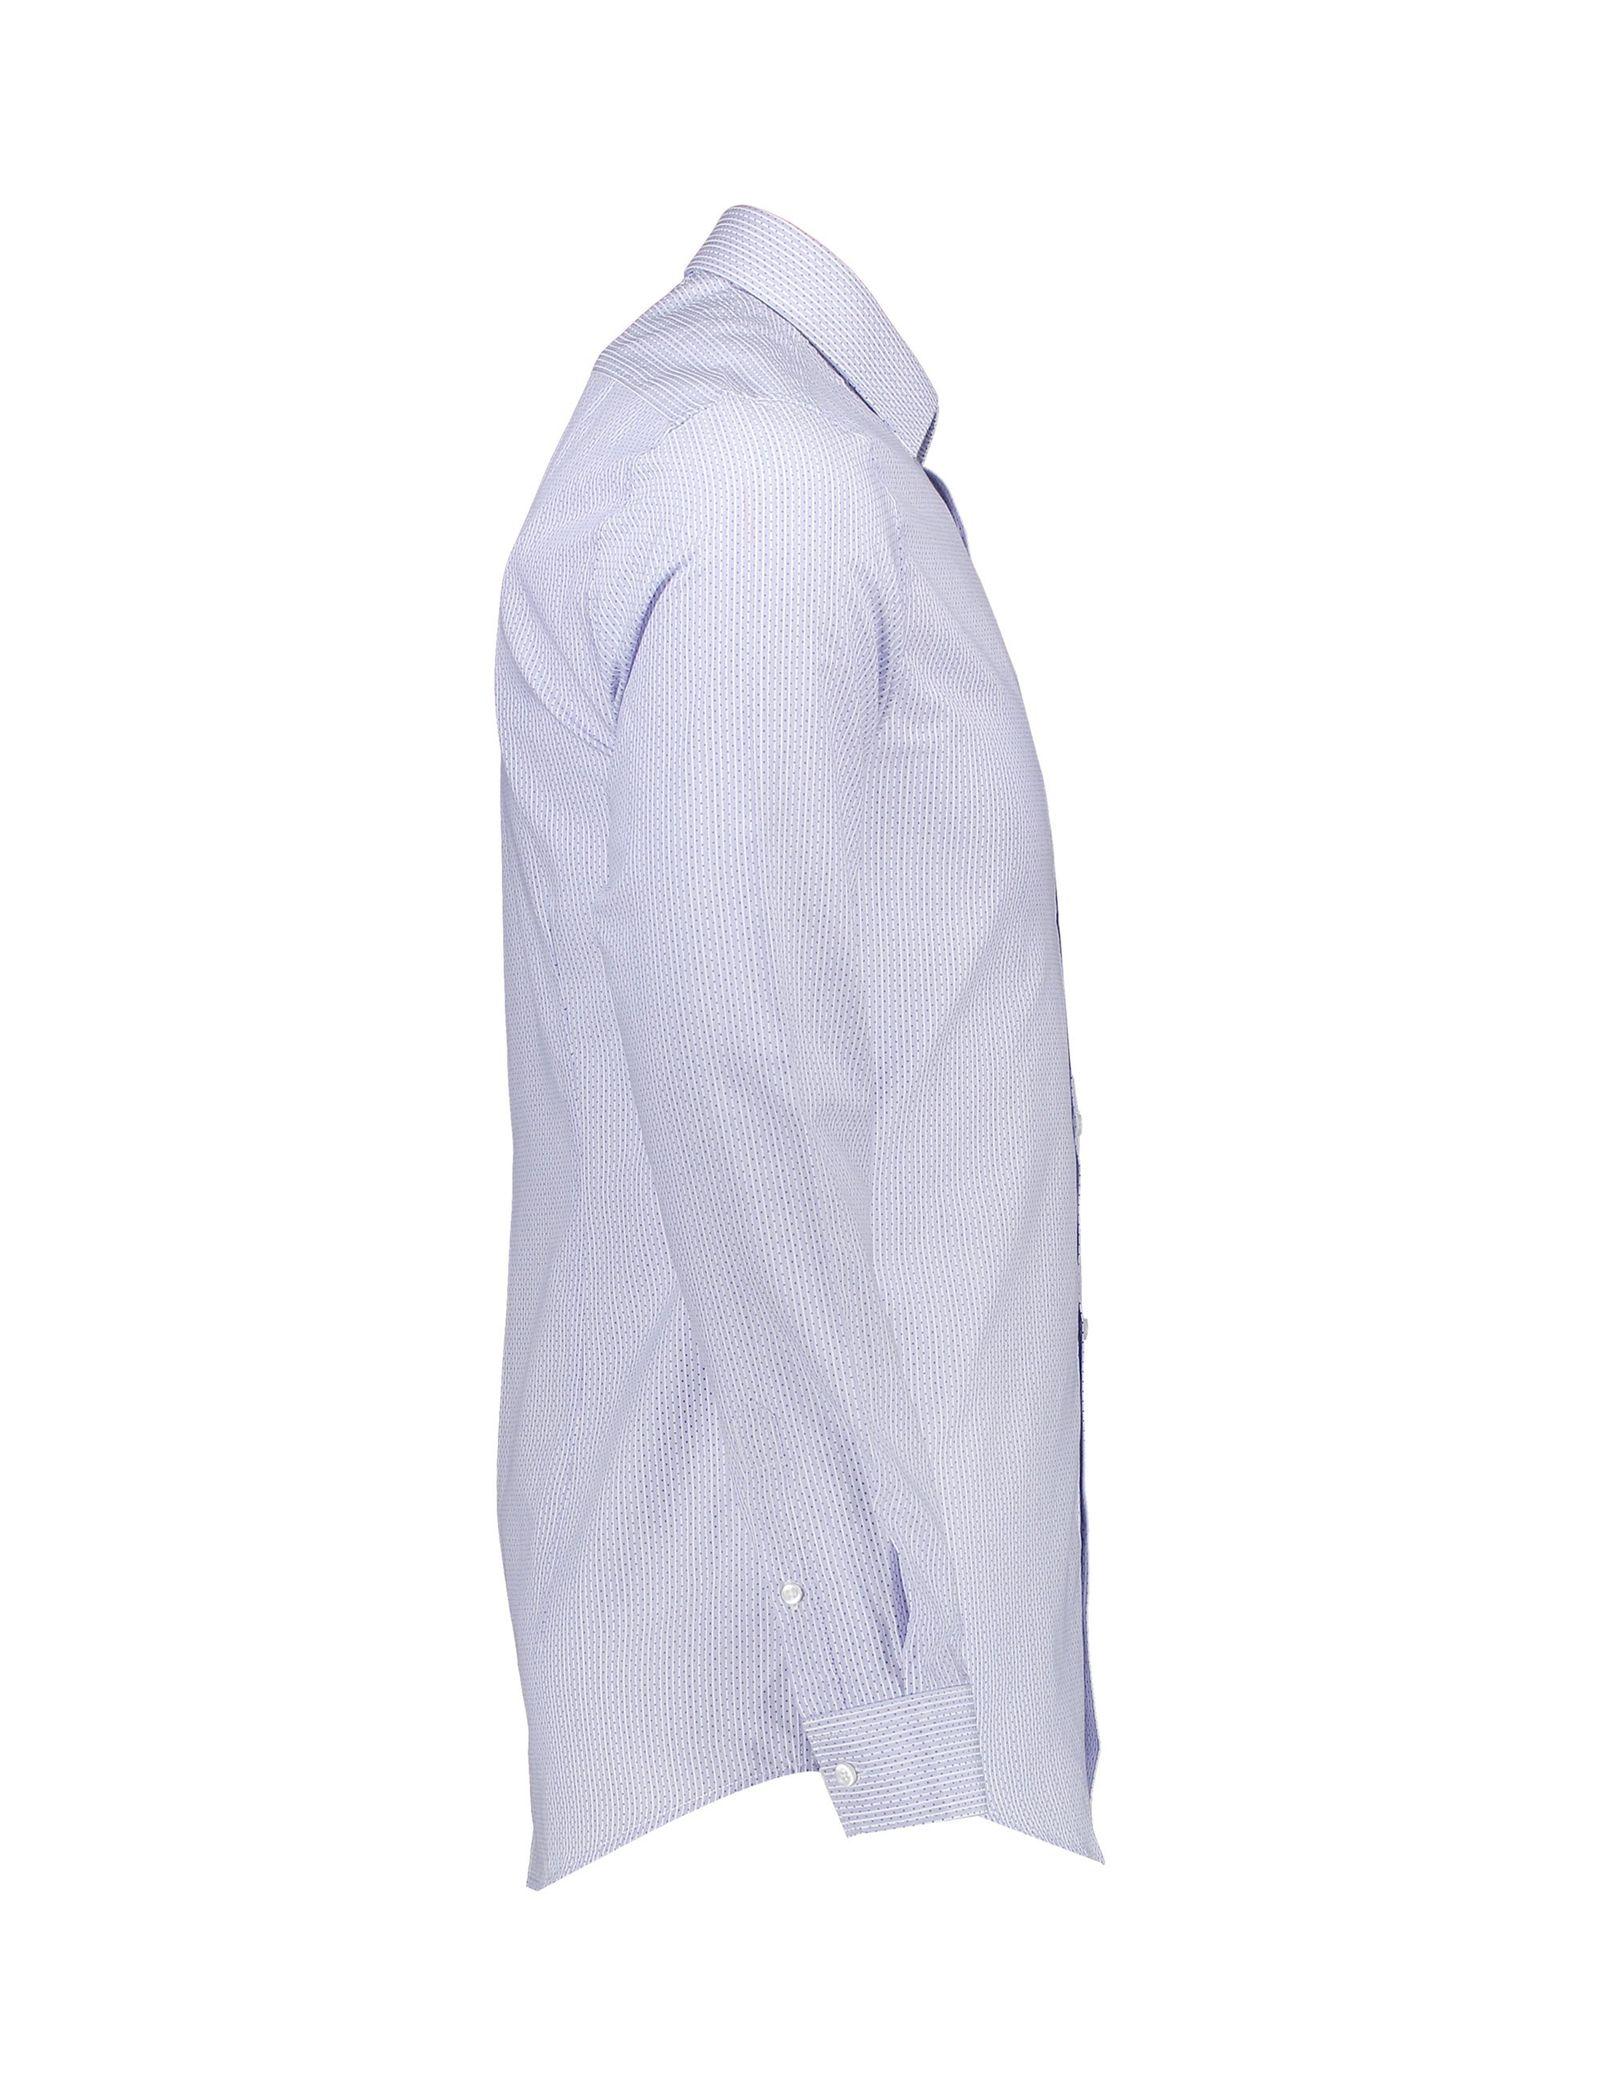 پیراهن رسمی مردانه - رد هرینگ - آبي روشن - 3